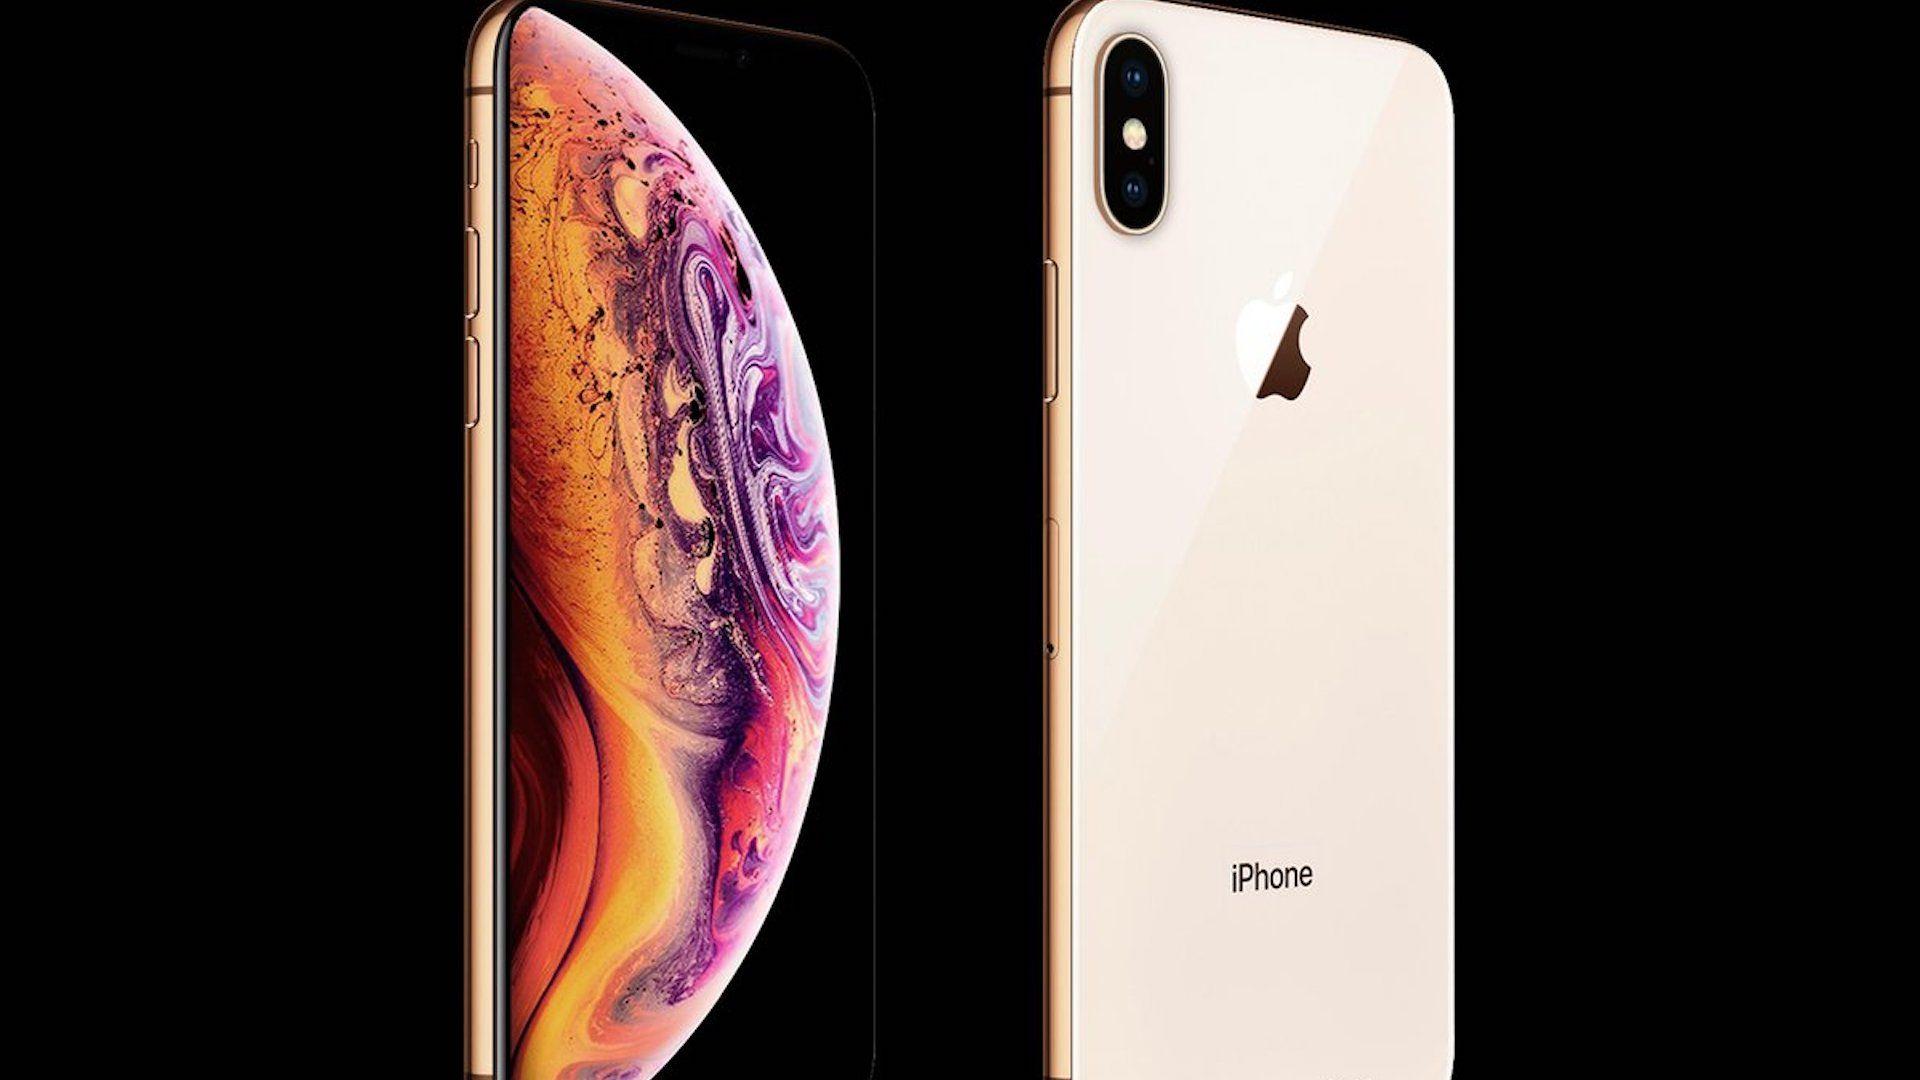 ADELANTO Así serán los nuevos iPhones Xs, Xs Plus y Xc